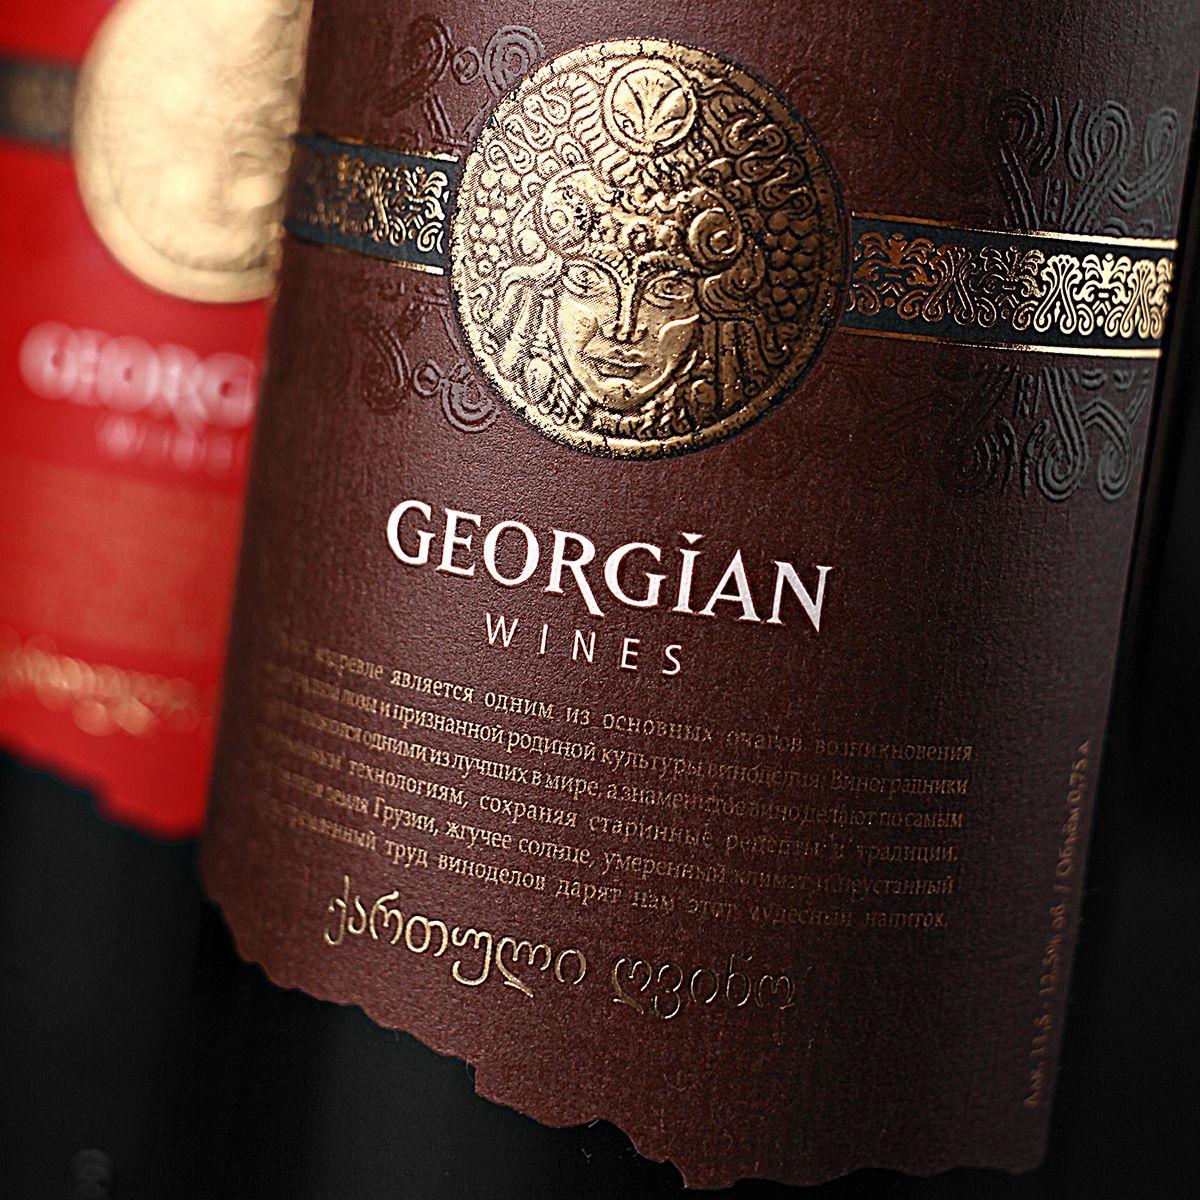 Oznakomtes S Etim Proektom Behance Georgian Wines Https Www Behance Net Gallery 14896453 Georgian Win Wine Bottle Design Wine Bottle Label Design Wines